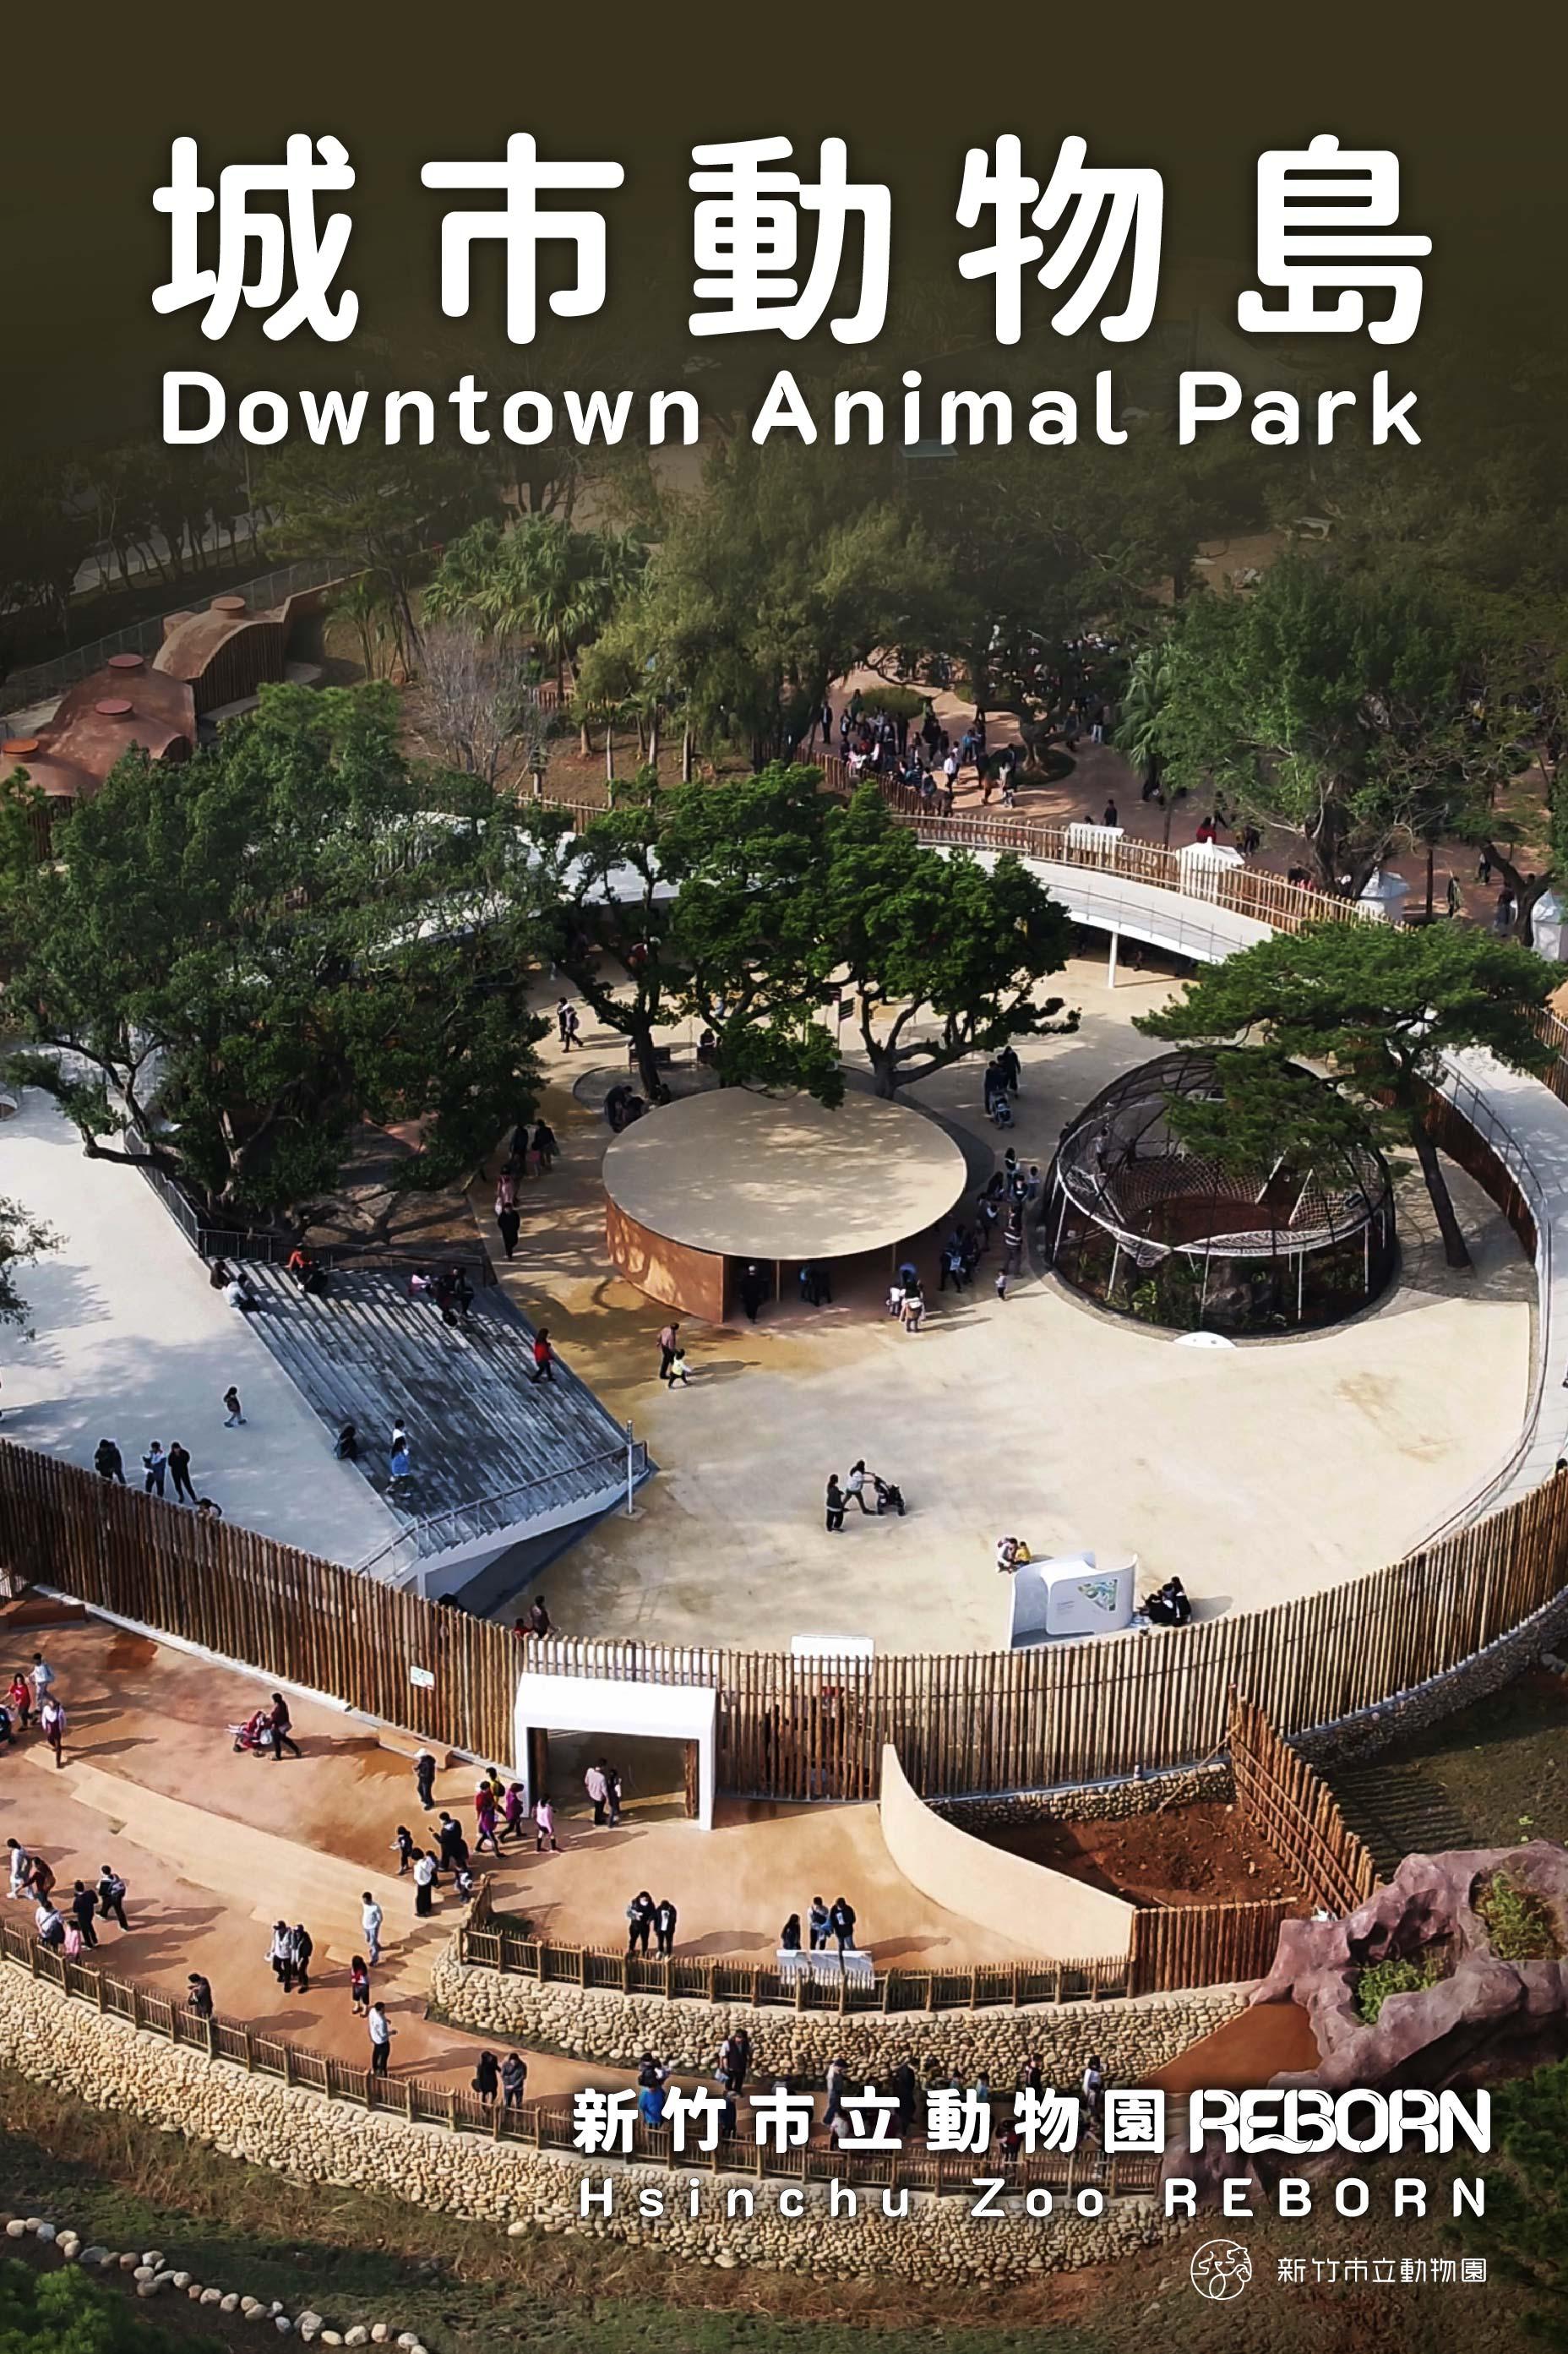 新竹市立動物園REBORN-城市動物島